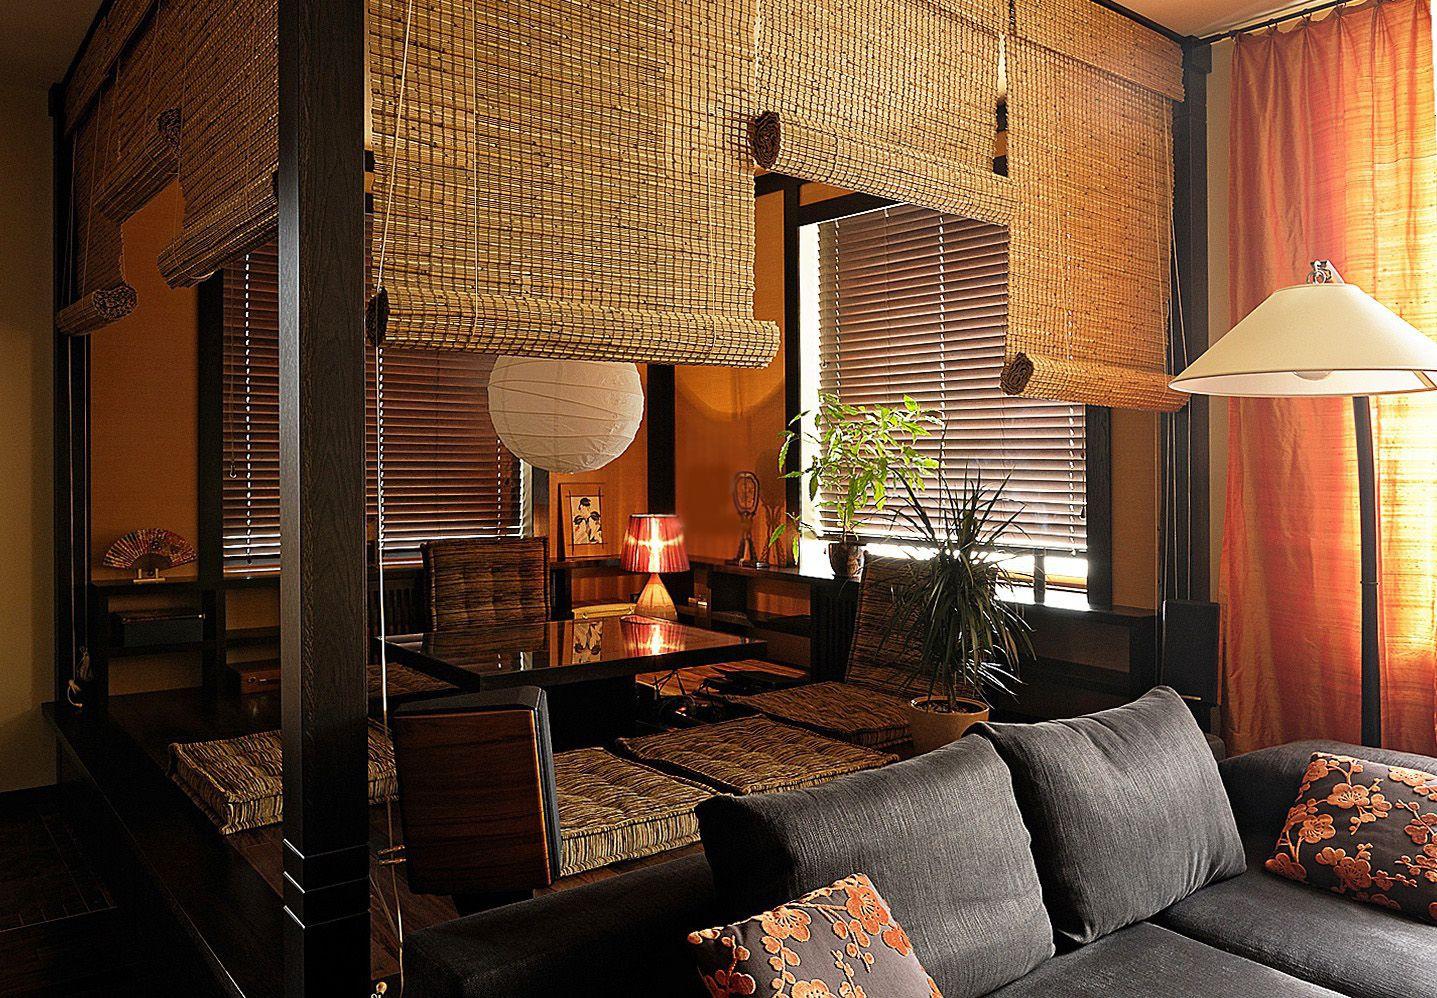 Рулонные шторы для разделения пространства в этно-стиле